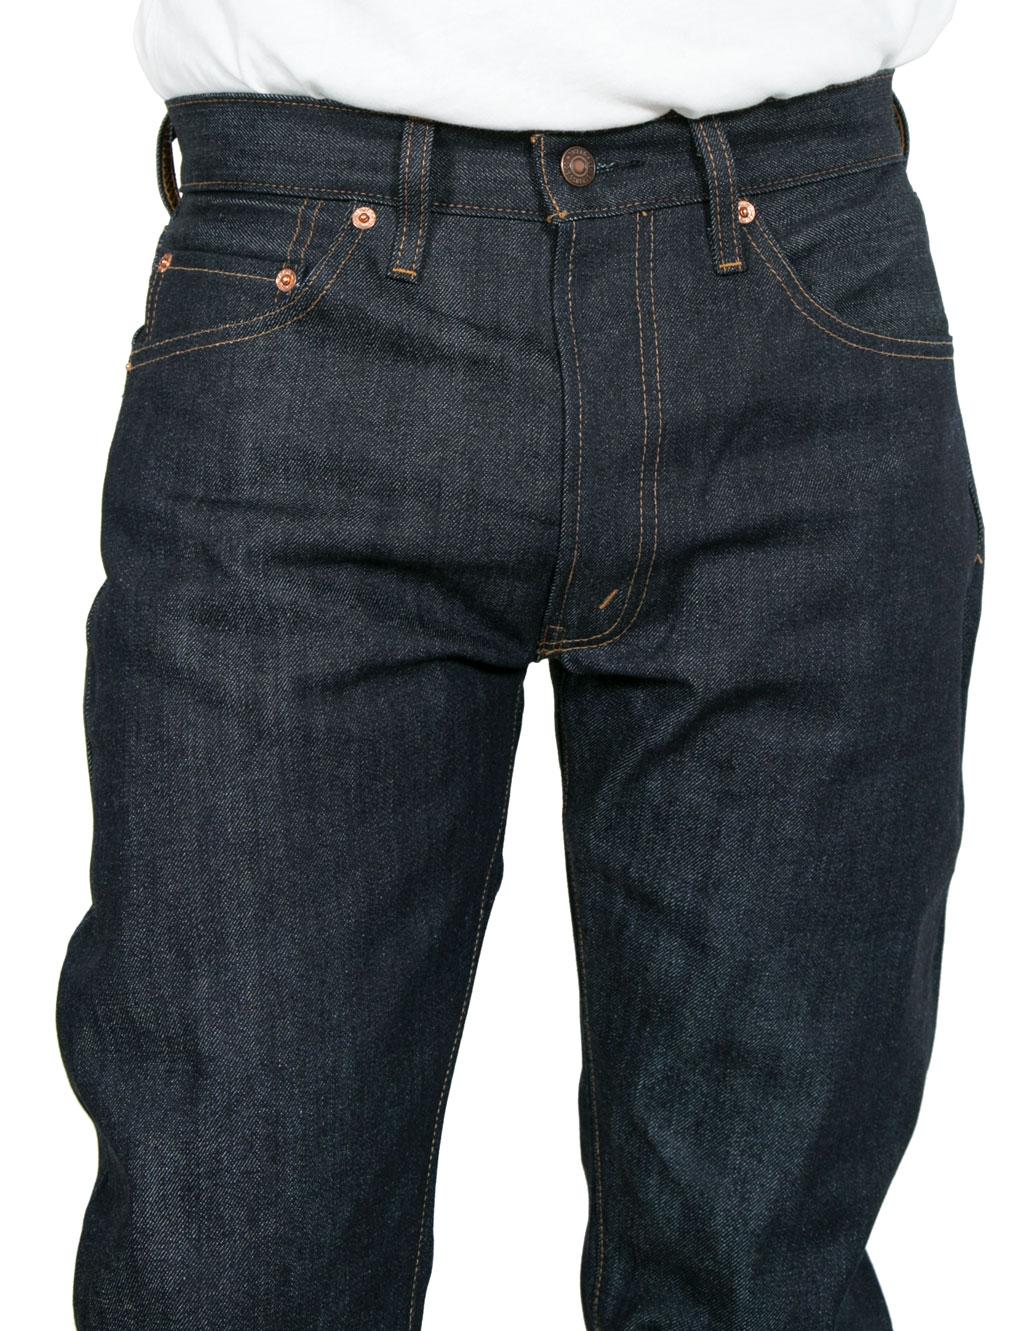 Vintage 505 14oz 1967 Rigid Levi´s Clothing Jeans ywm8v0OnNP